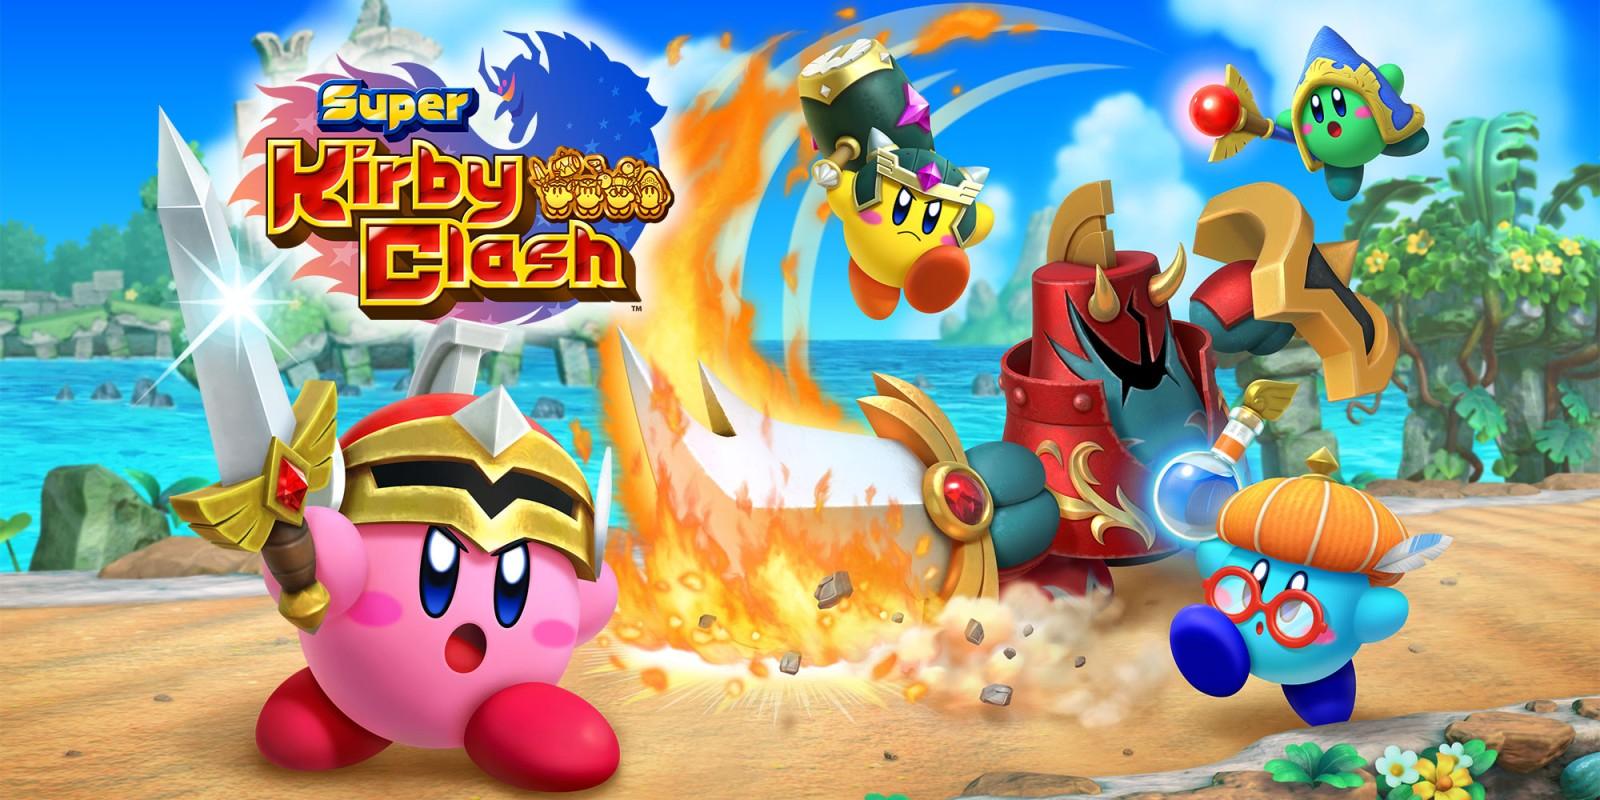 Super Kirby Clash (Switch) - Apfeljuwelen - Geheimwort des Monats (Mai)